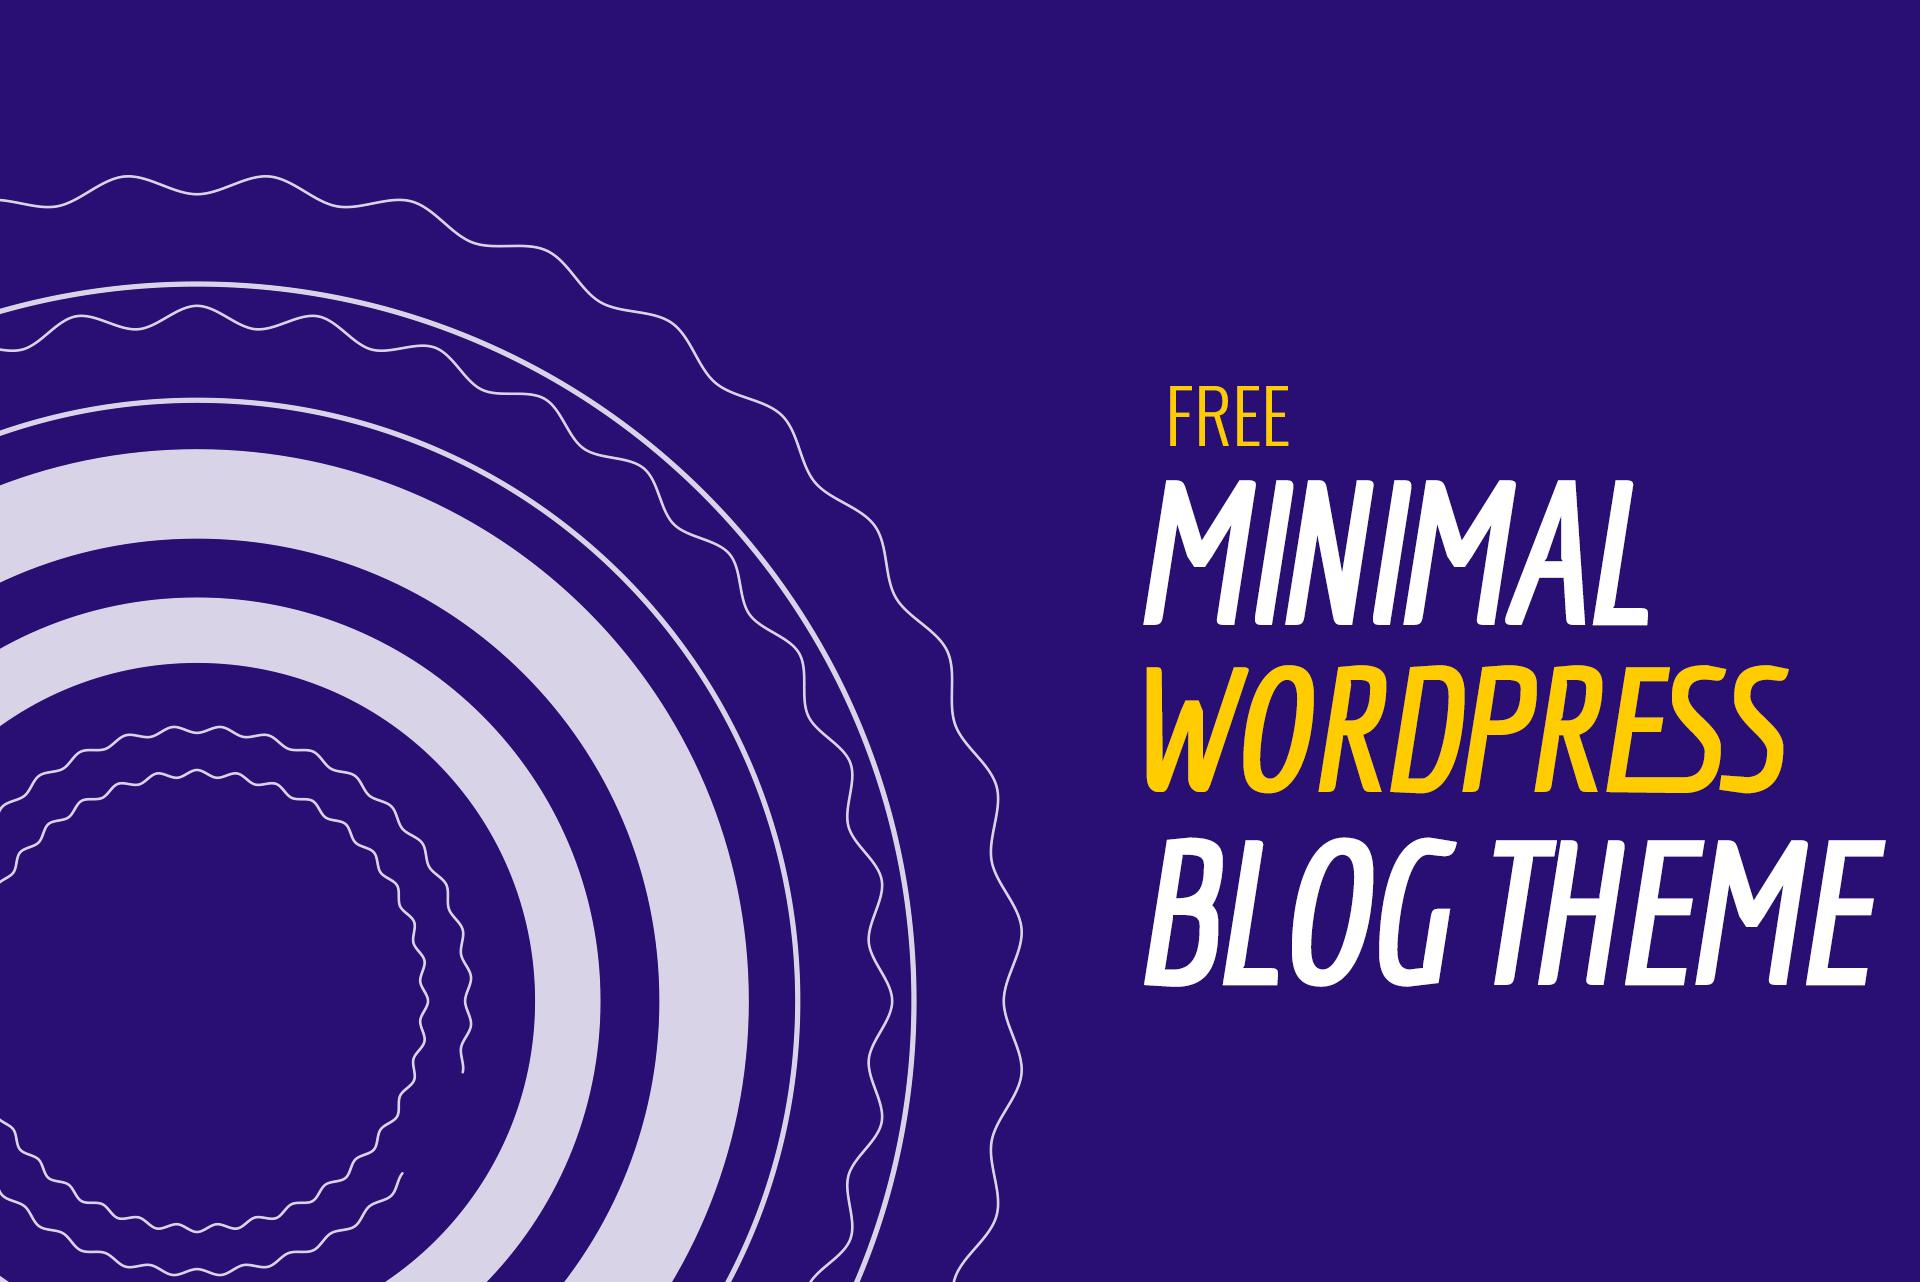 13 Most Popular Free Minimalist WordPress Themes 2020